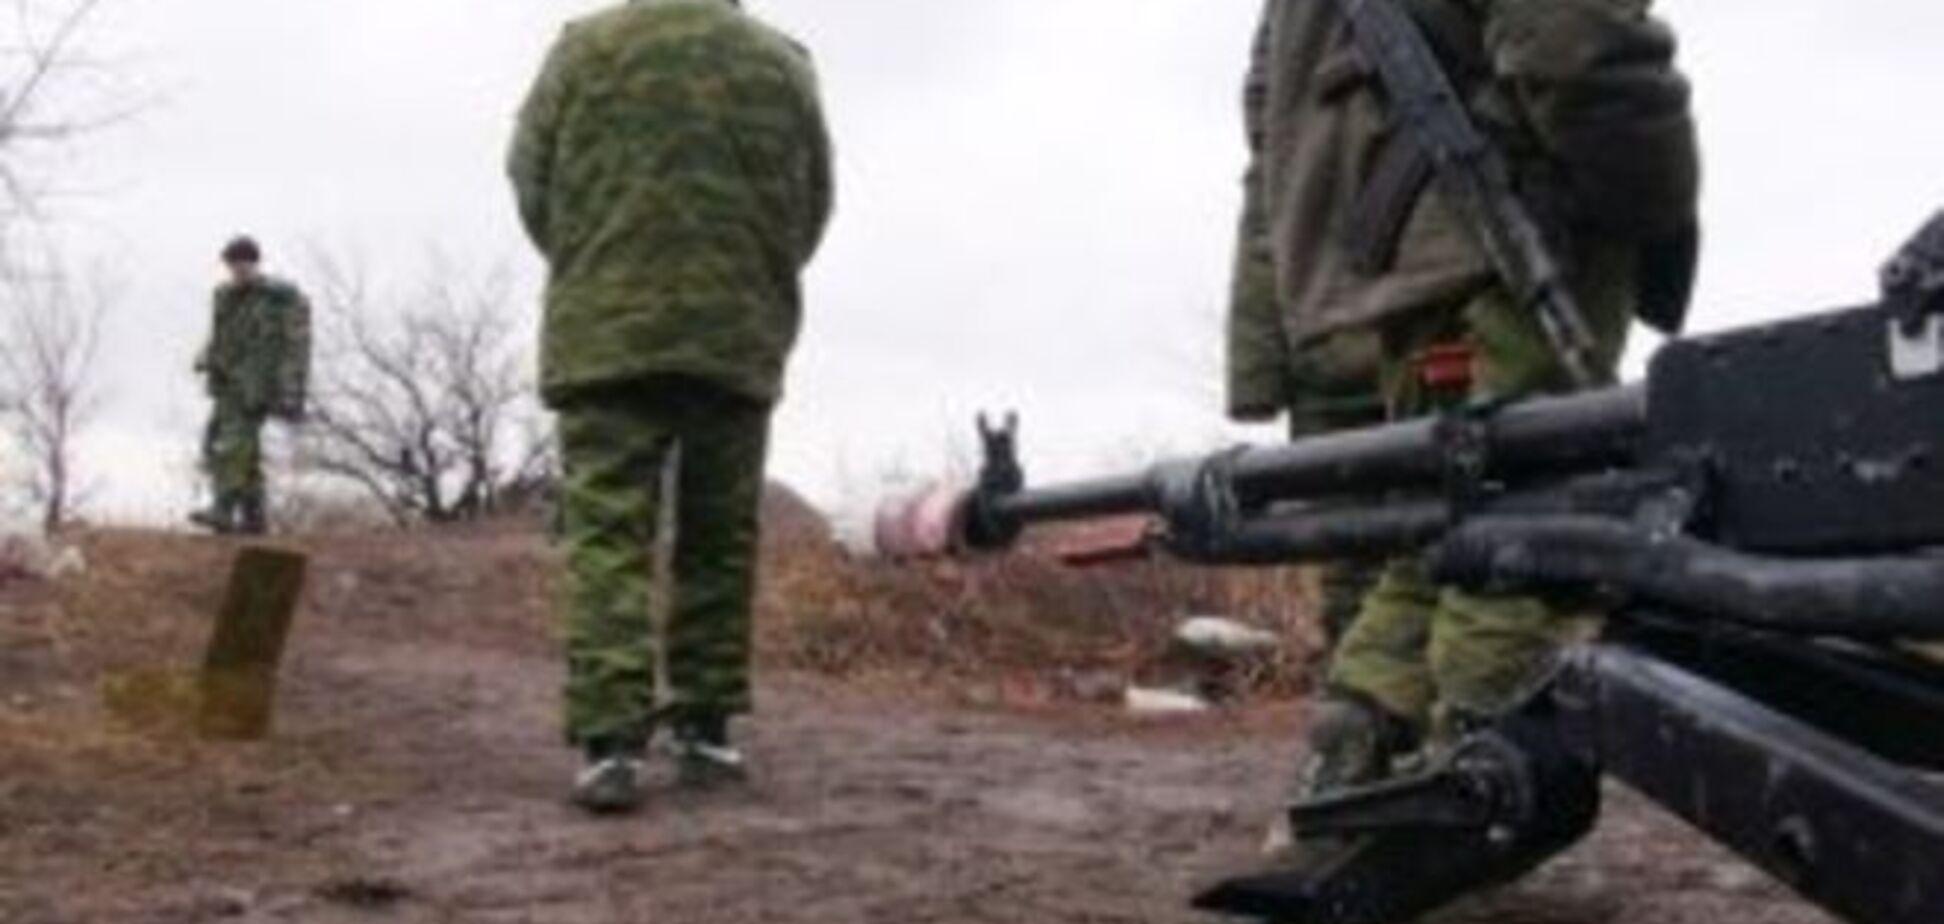 Террористы заявили о казни 'переодетых' 'ДНР'-овцев, убивших директора 'Шахтерскантрацита'